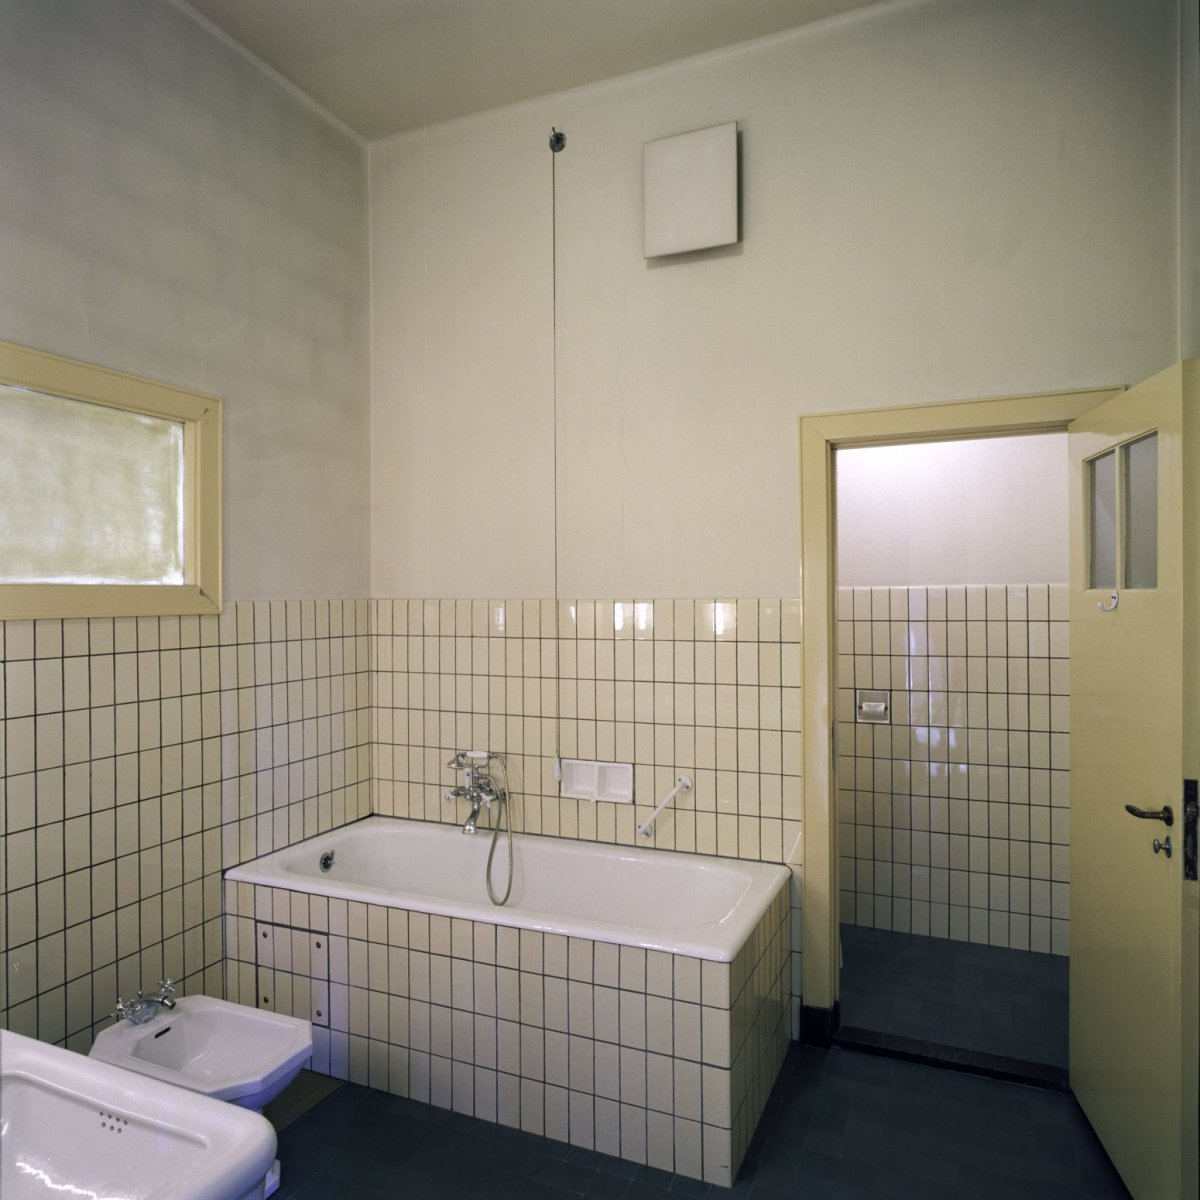 File interieur overzicht van de badkamer rechts naast de ruimte flat 3 genaamd gelegen aan het - Bad kamer ...